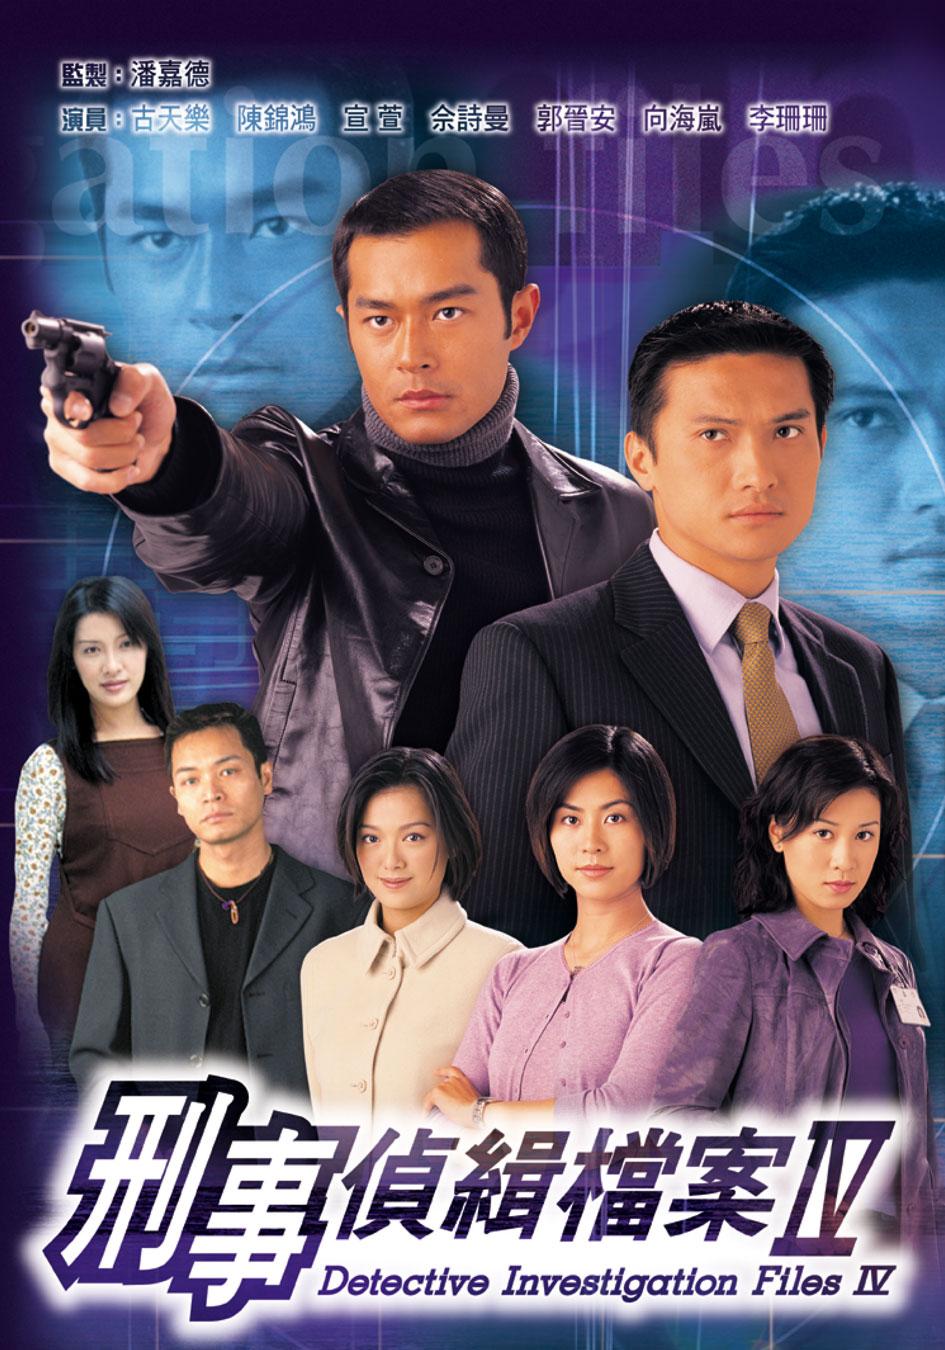 刑事偵緝檔案IV-Detective Investigation Files IV